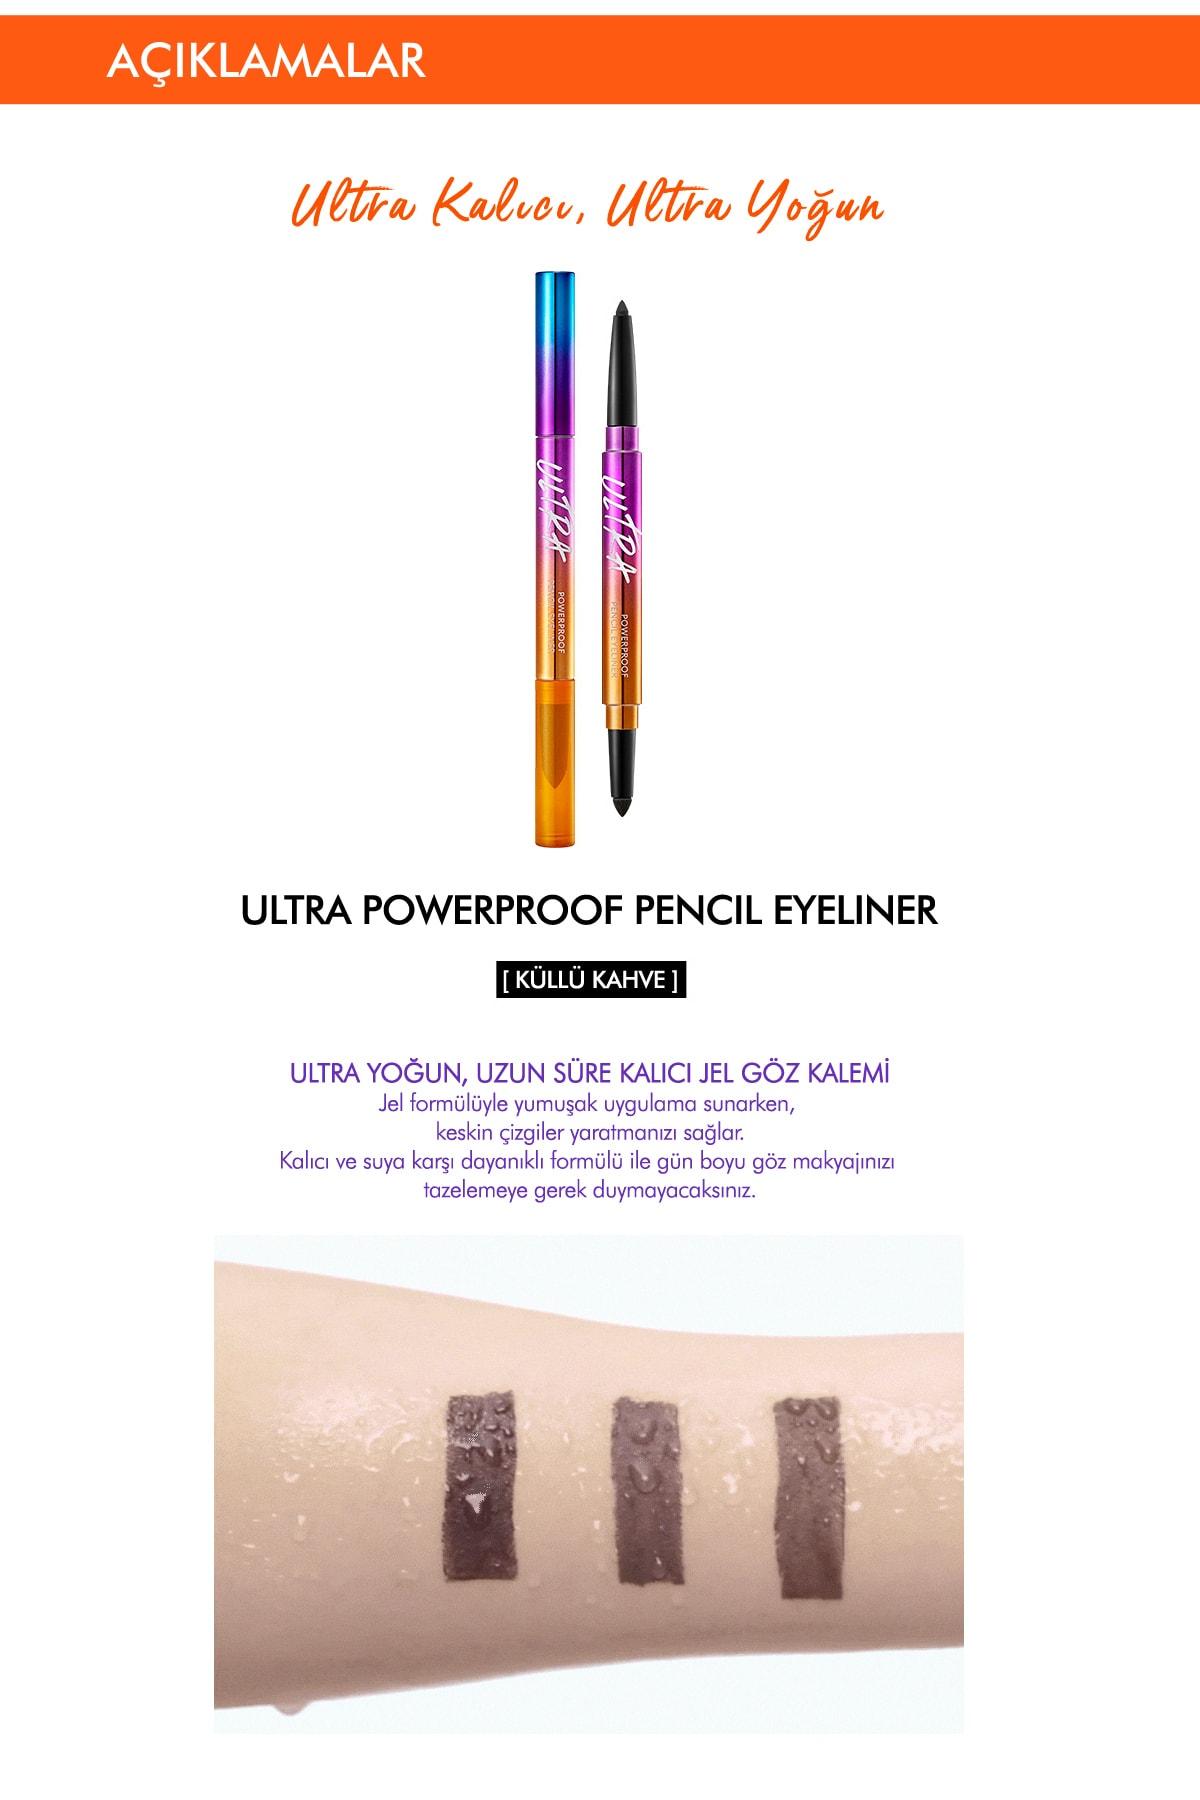 Missha Kalıcı Suya Dayanıklı Jel Göz Kalemi MISSHA Ultra Powerproof Pencil Eyeliner Ash Brown 8809643506199 2